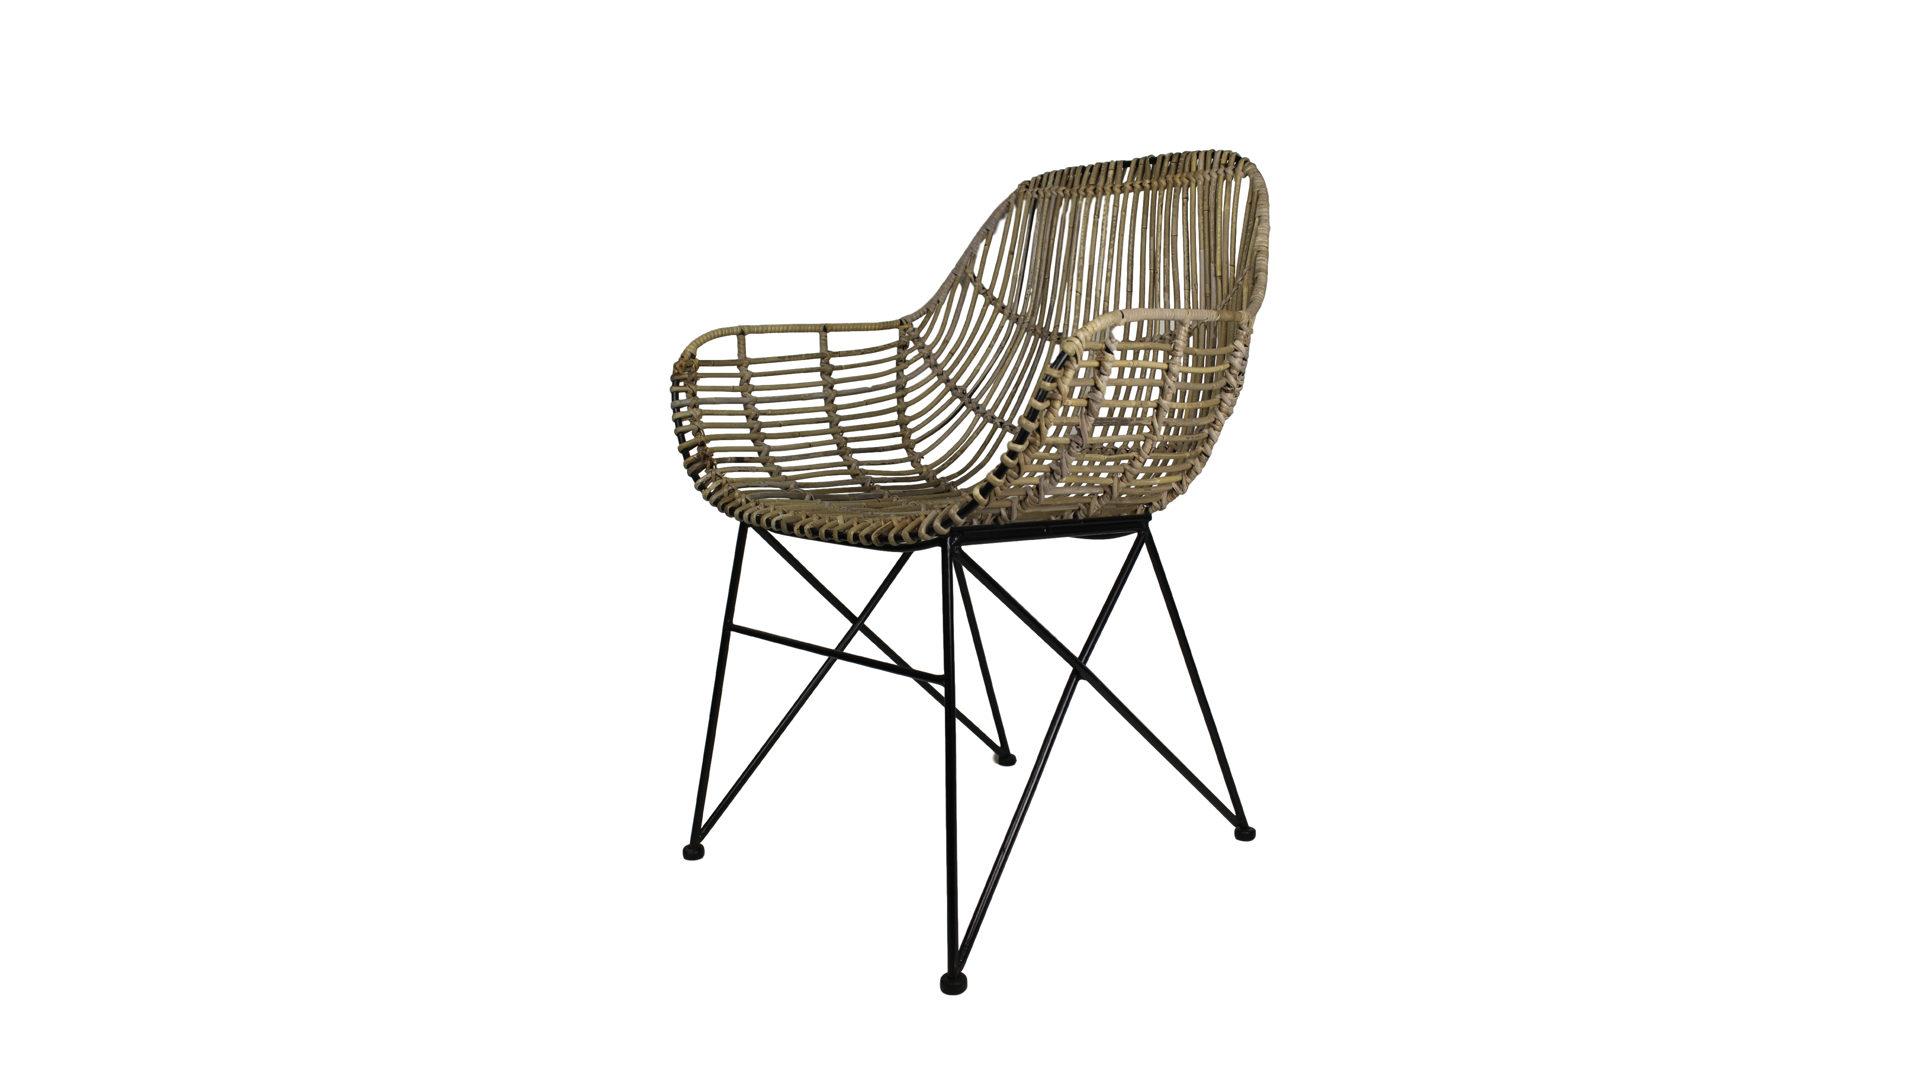 Bezaubernd Esszimmerstühle Metall Ideen Von Möbel Eilers Apen, Möbel A-z, Stühle +